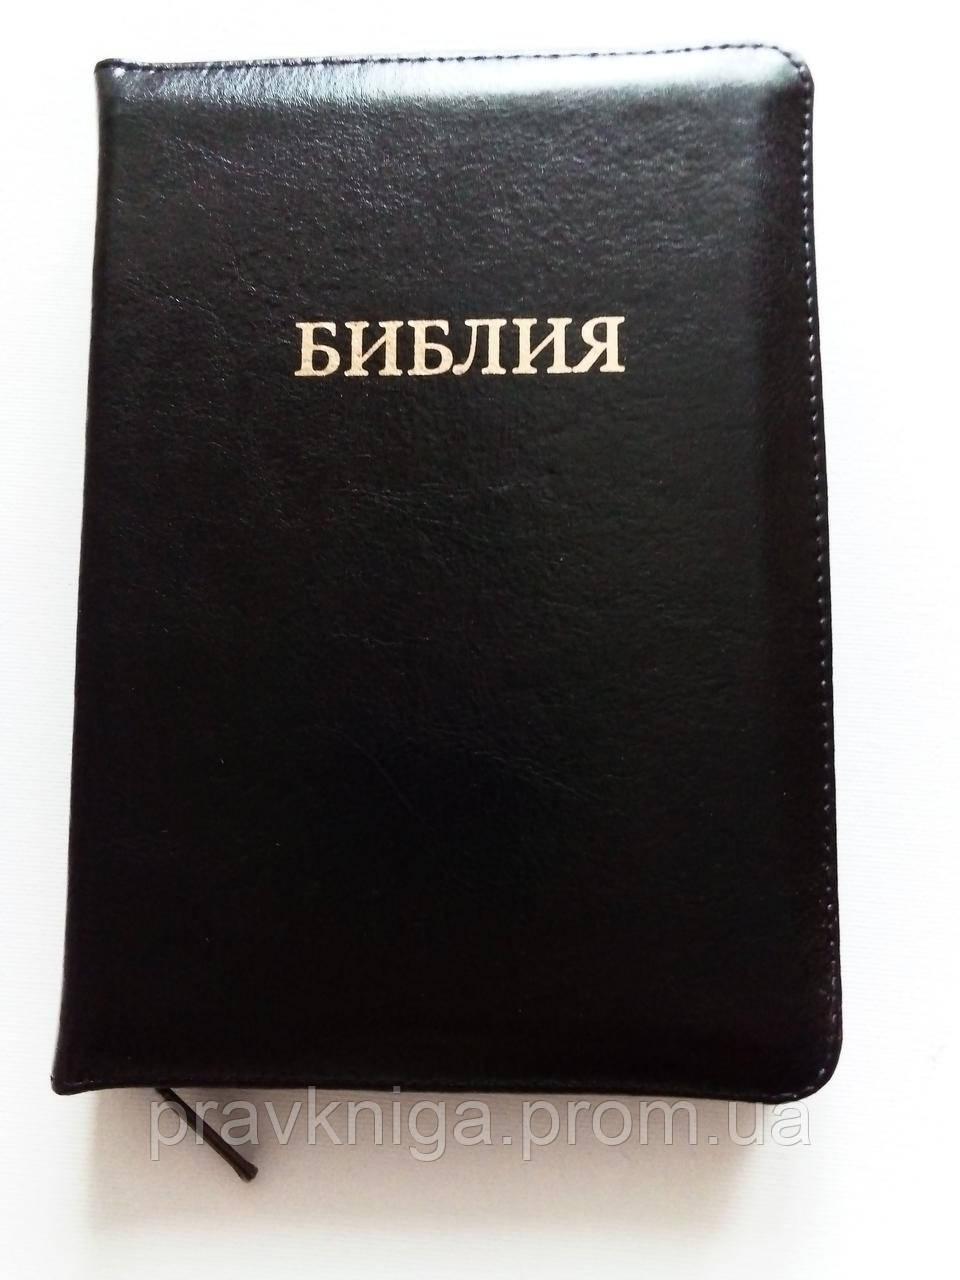 Біблія шкіряне на блискавки. Біблія кожана на молнії.